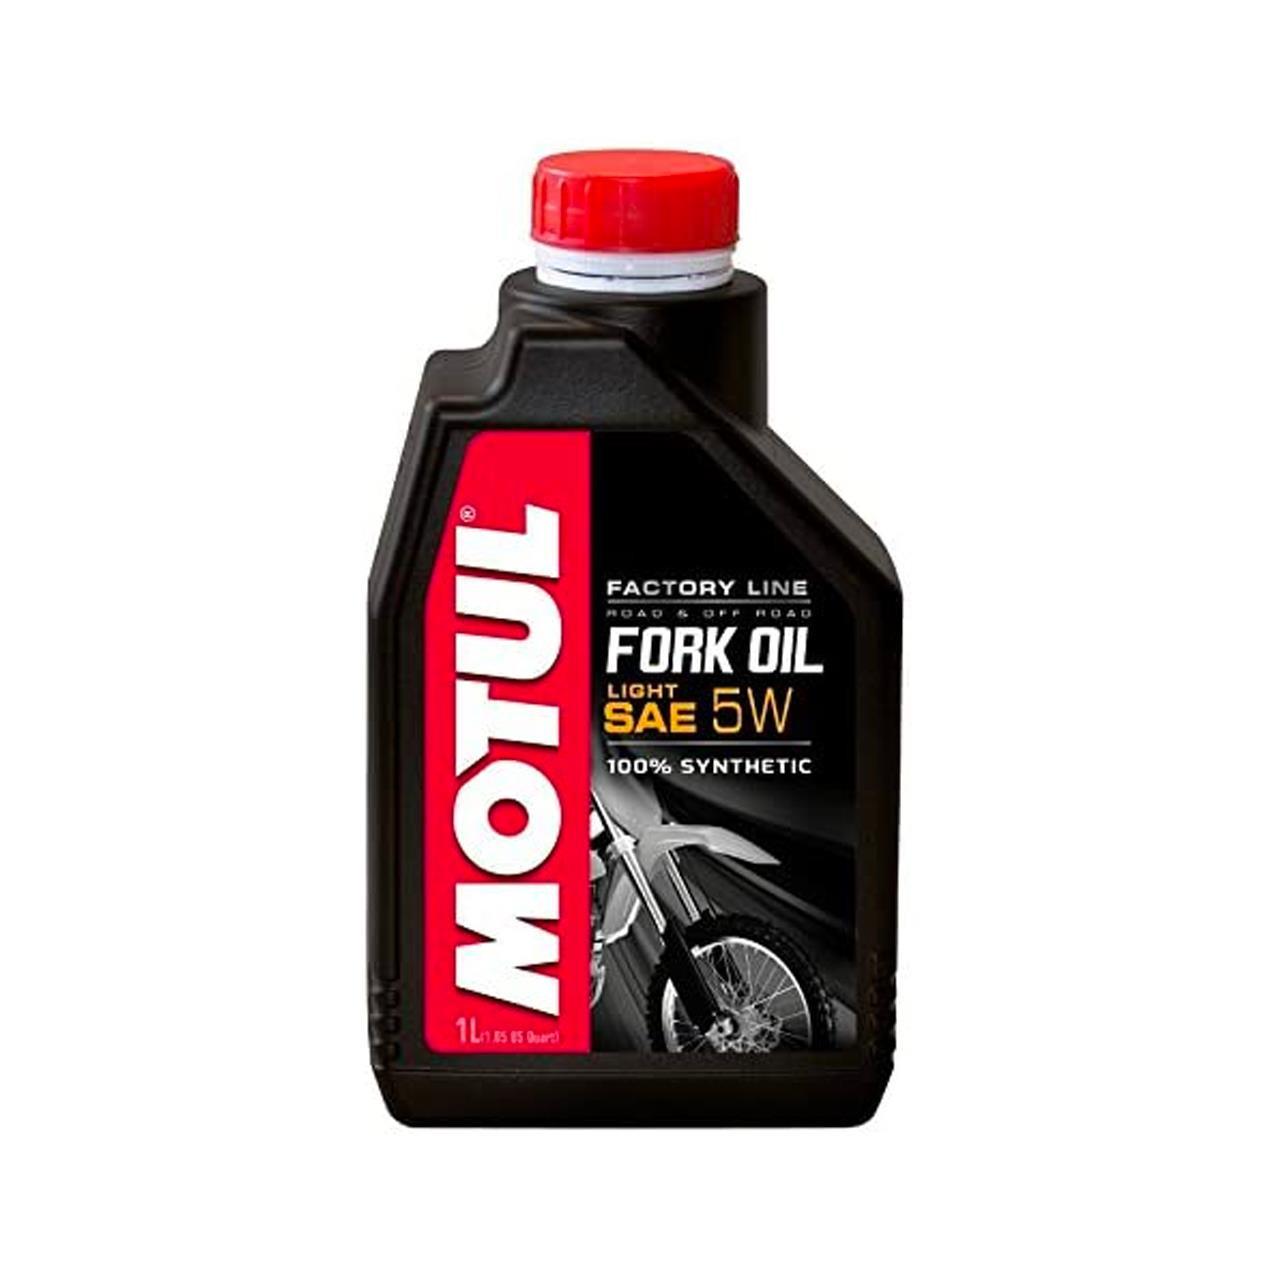 Motul factory Line Light 5W Fork Oil (1 Litre)